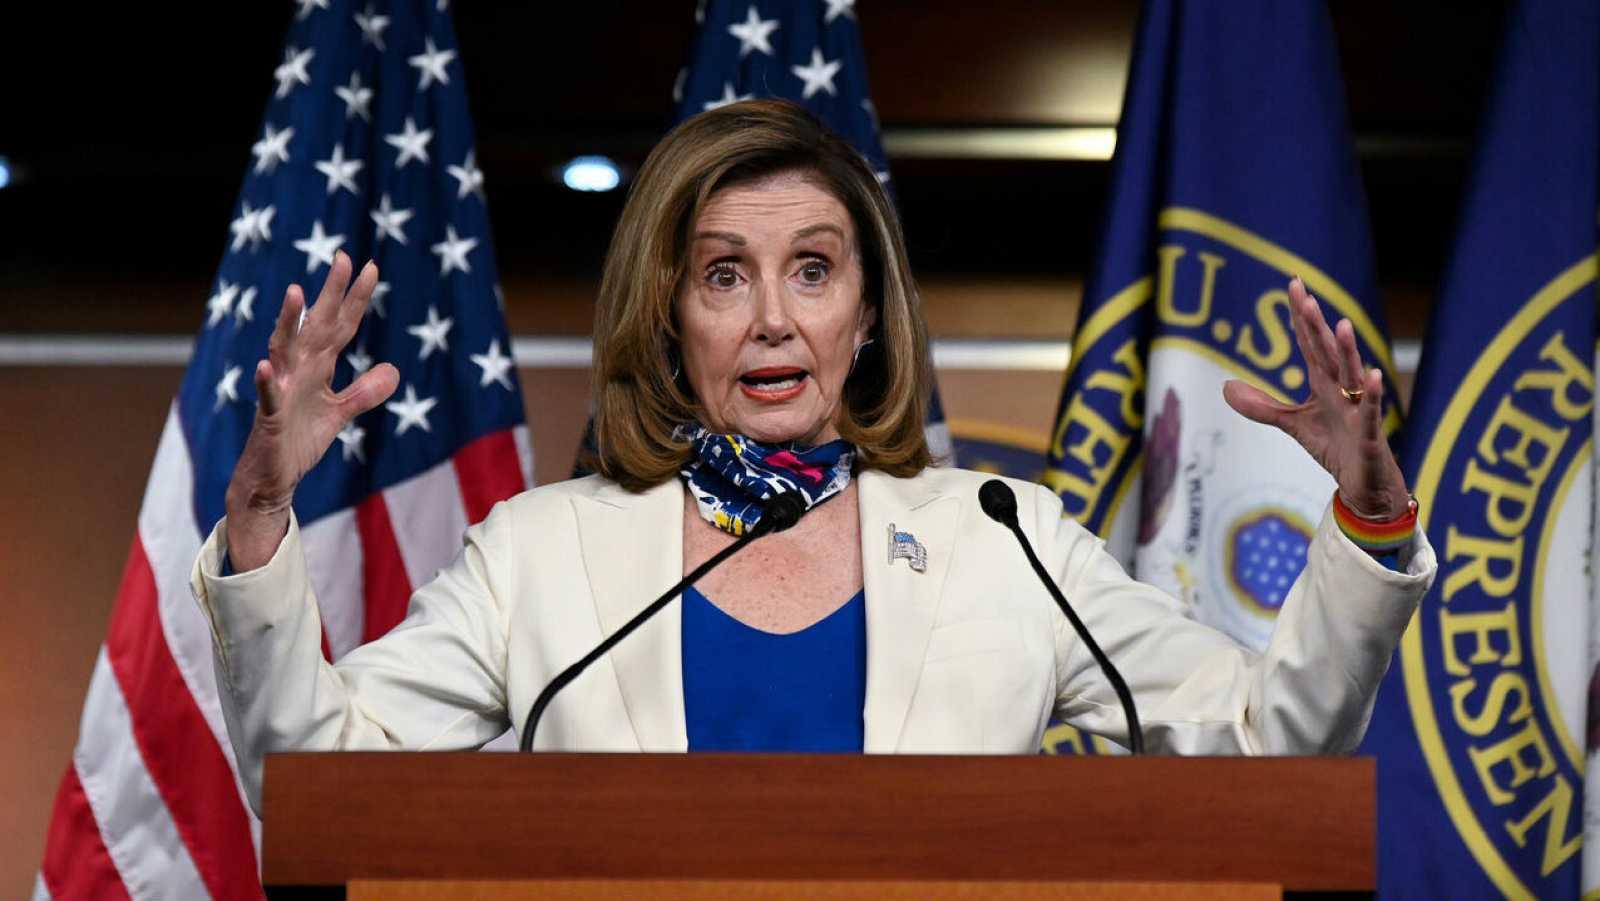 La presidenta de la Cámara de Representantes de Estados Unidos, Nancy Pelosi, participa en una conferencia de prensa en el Capitolio de Estados Unidos en Washington, Estados Unidos.